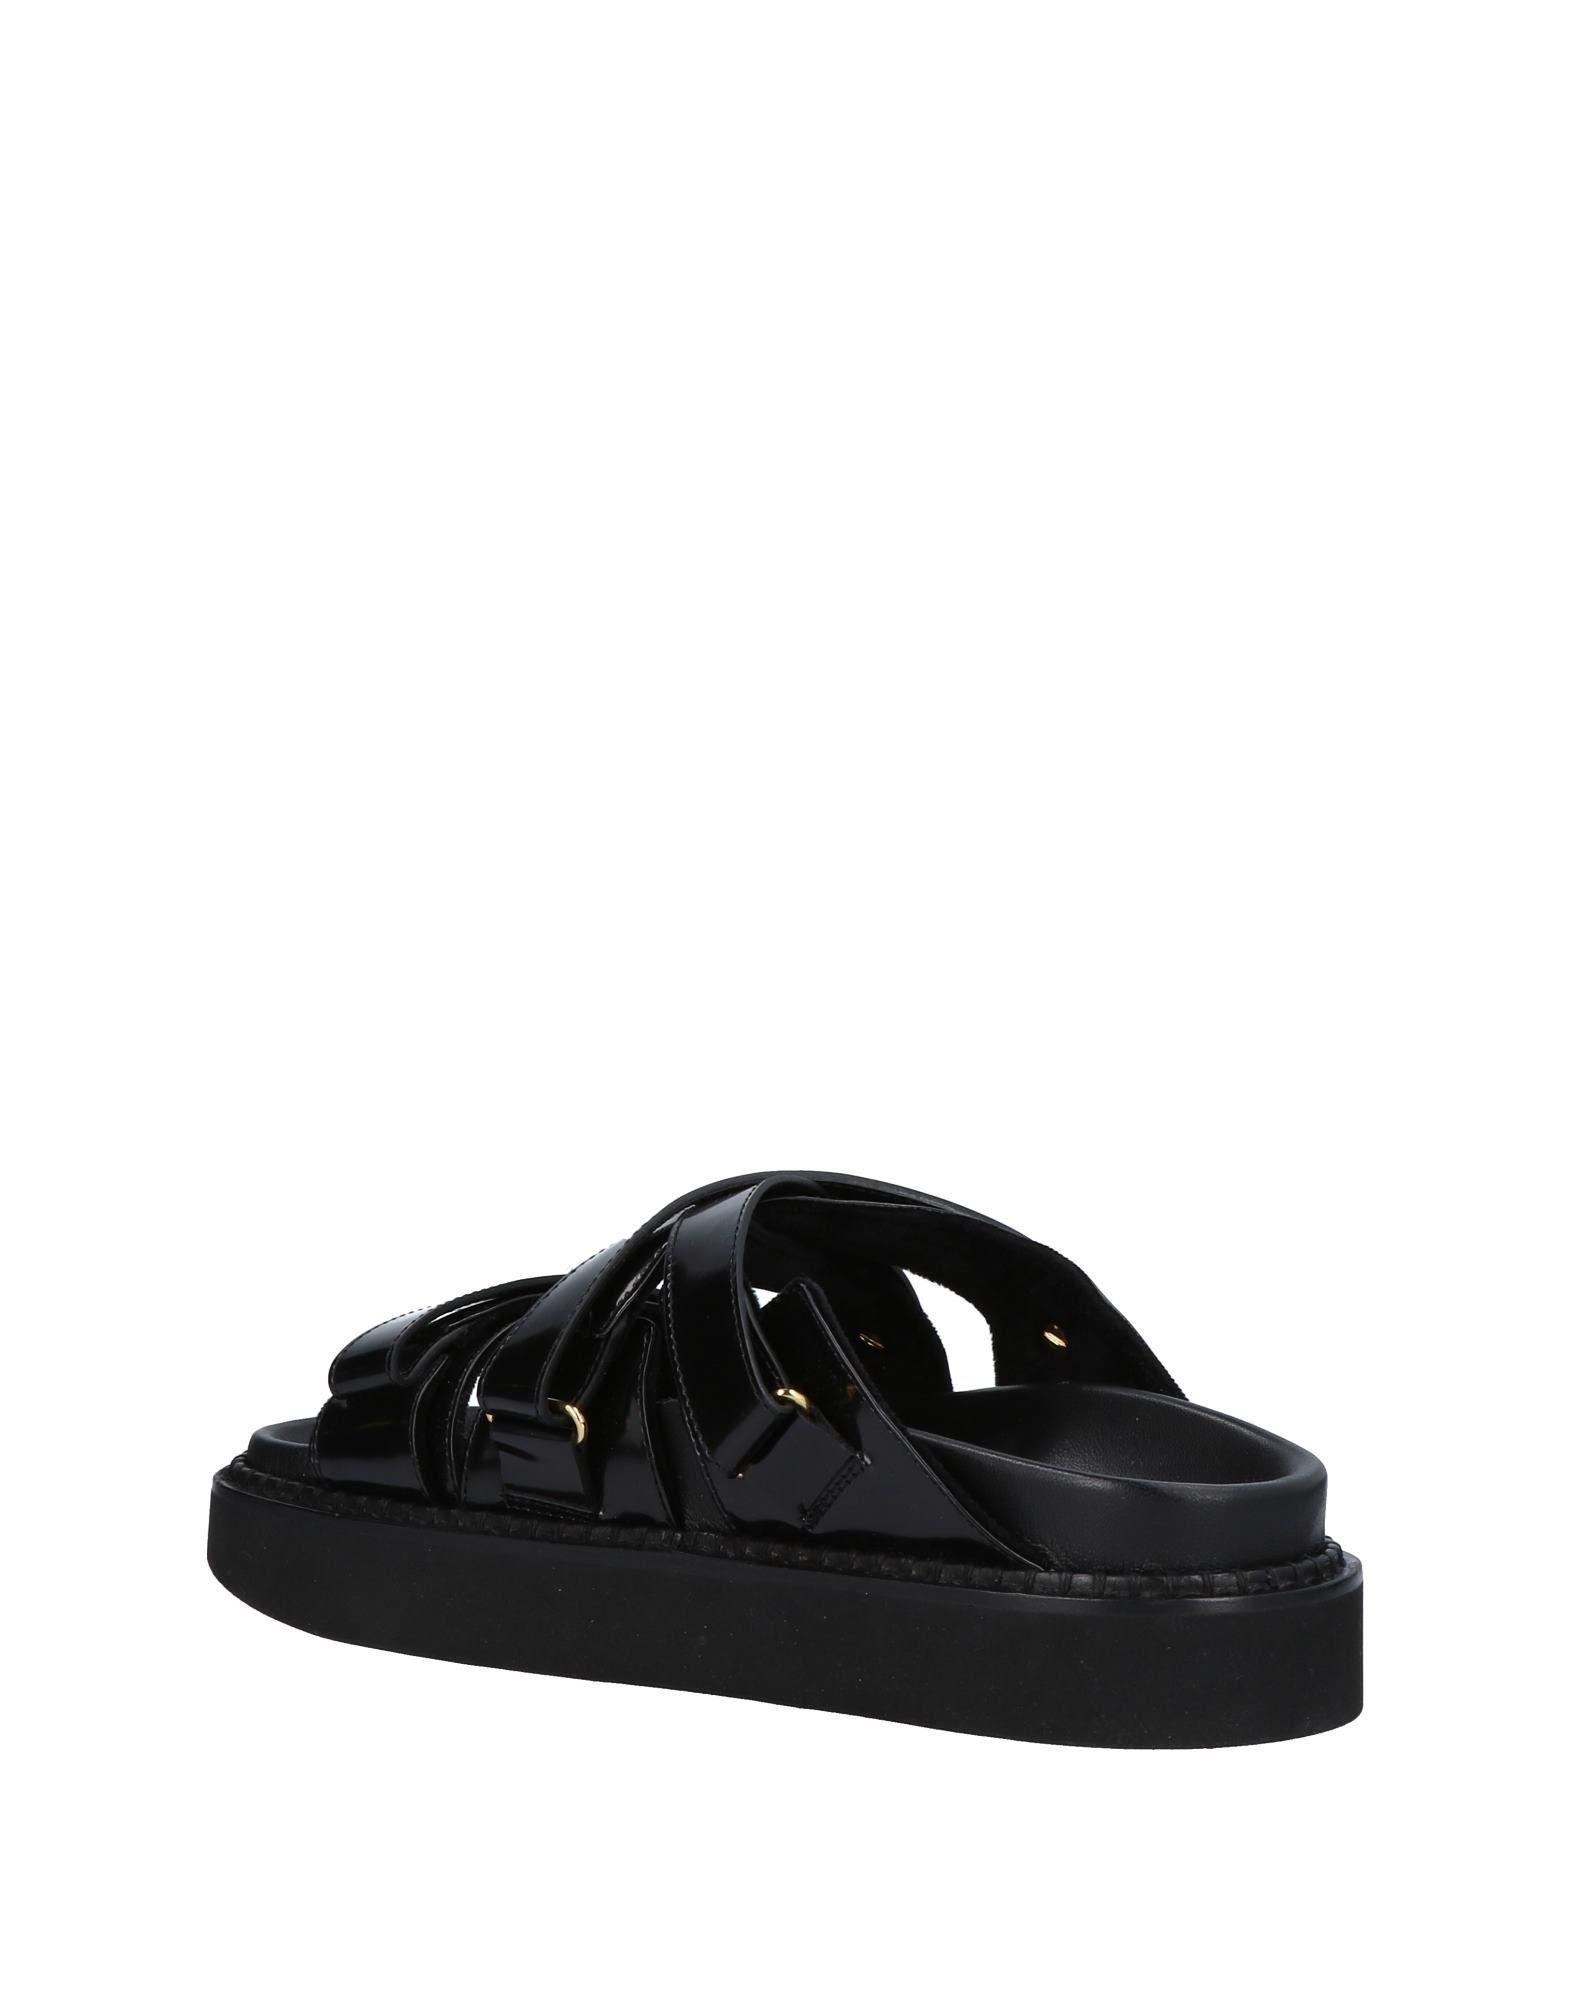 Faux fur-trimmed leather sandals Simone Rocha Sale Visa Payment QRWrvISora